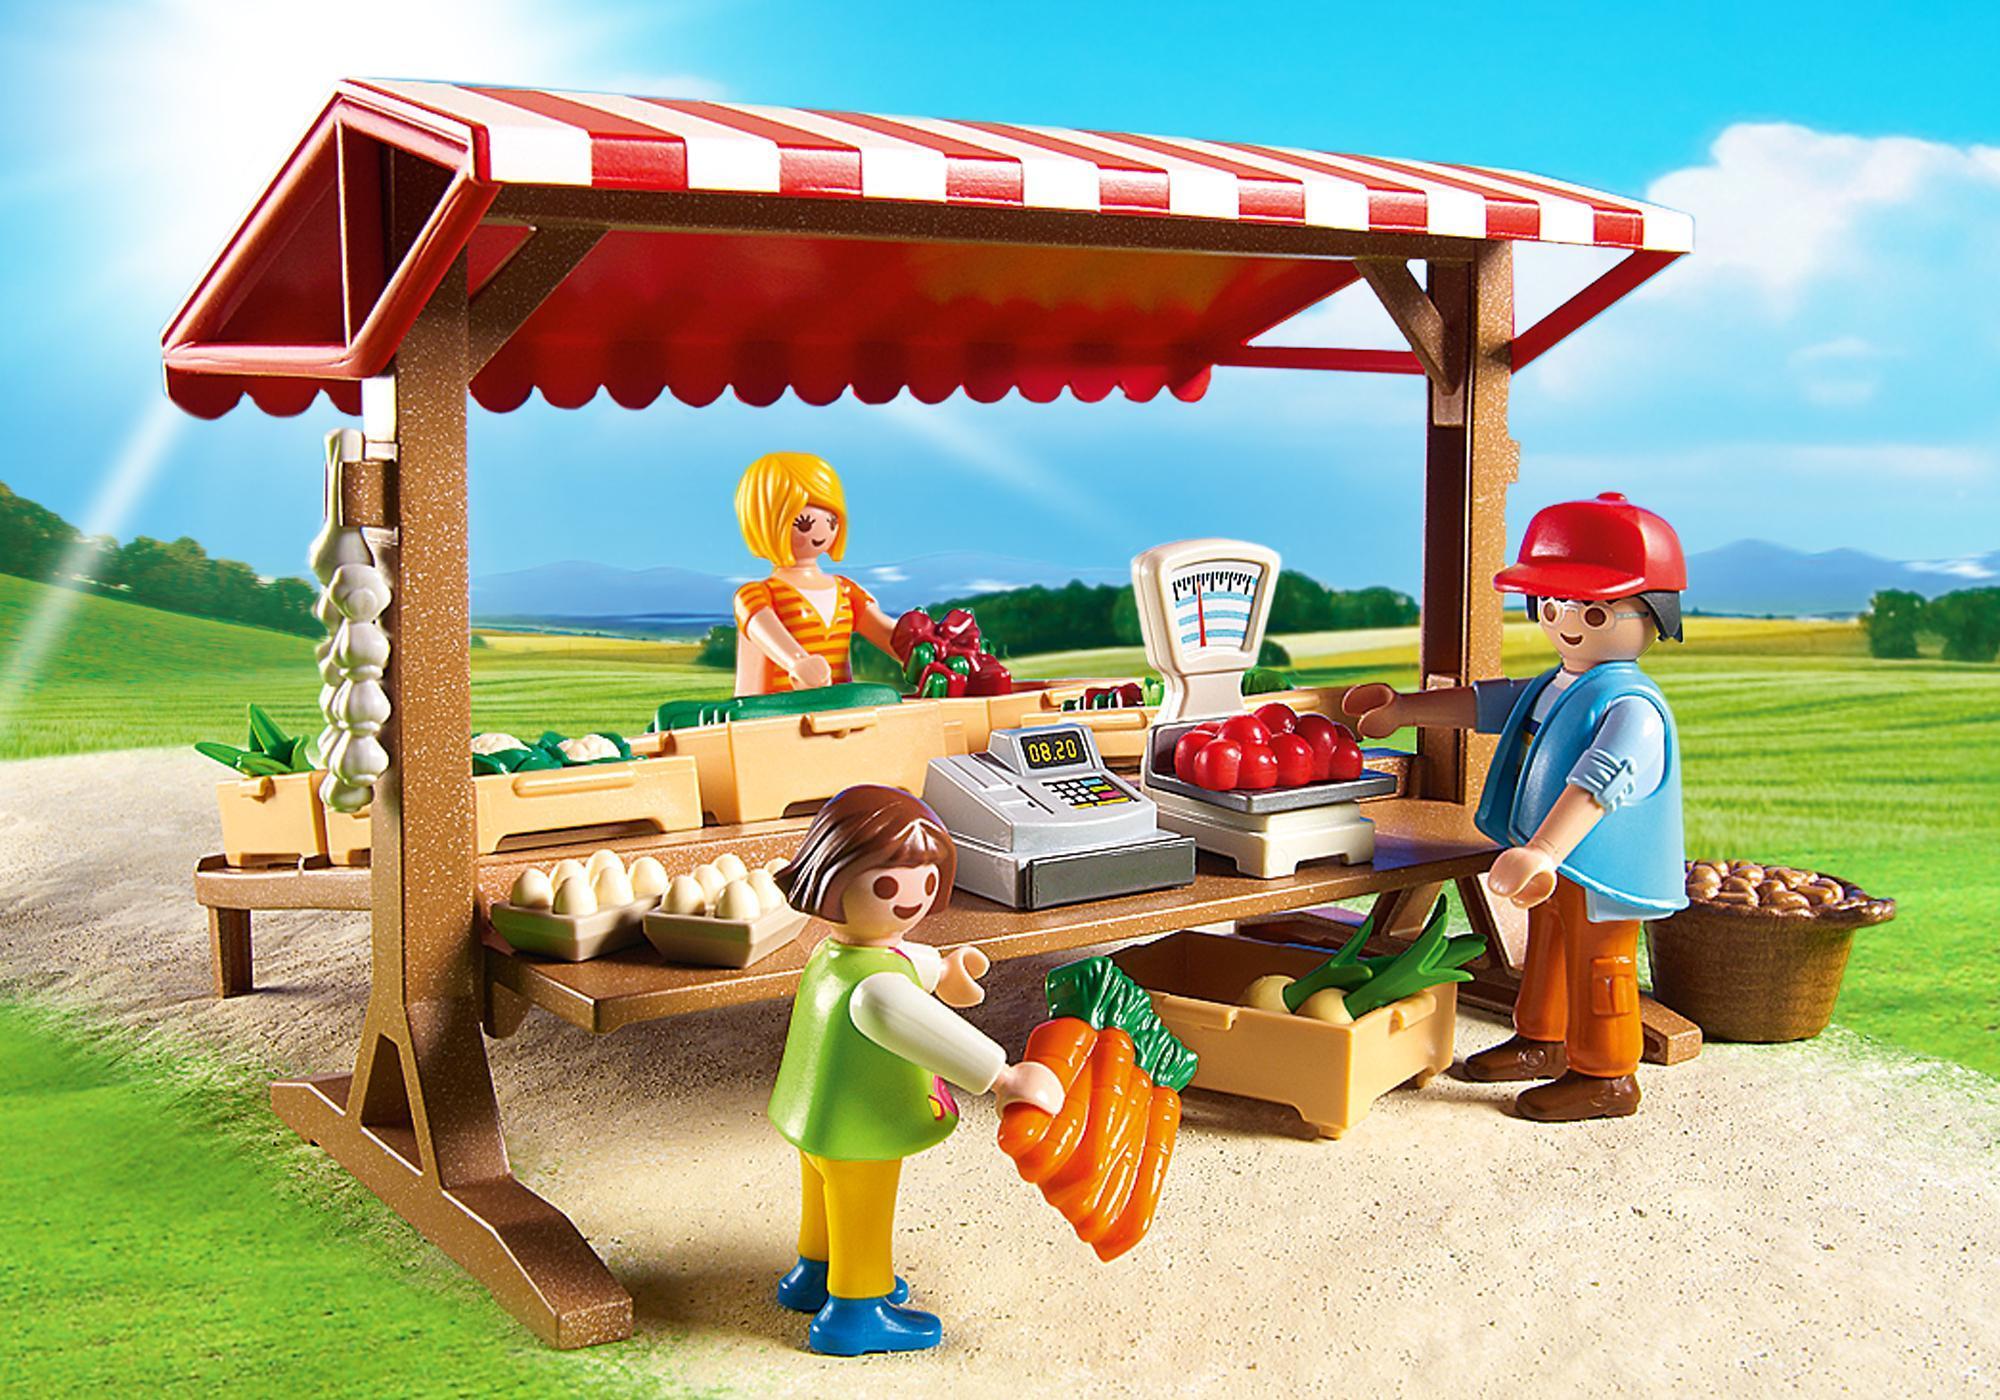 http://media.playmobil.com/i/playmobil/6121_product_extra1/Banca de Vegetais